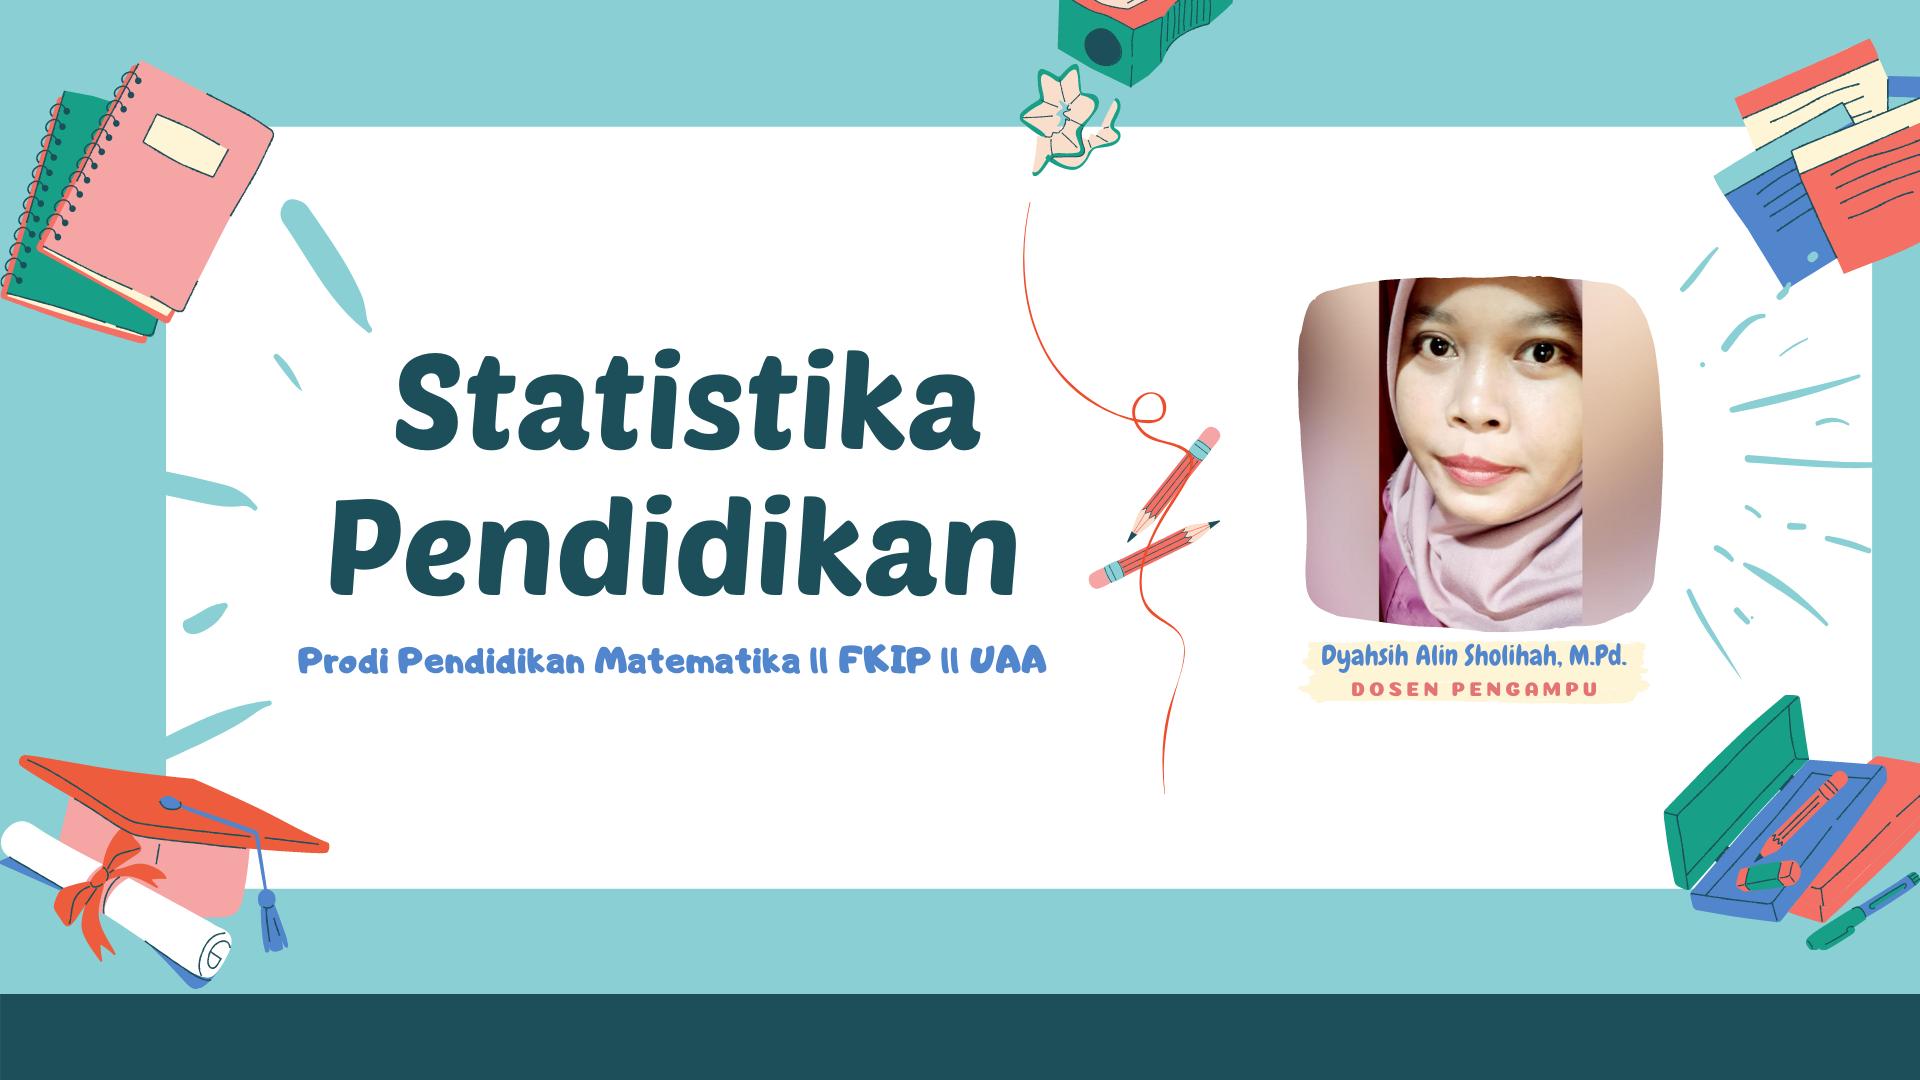 Statistika Pendidikan - PMAT